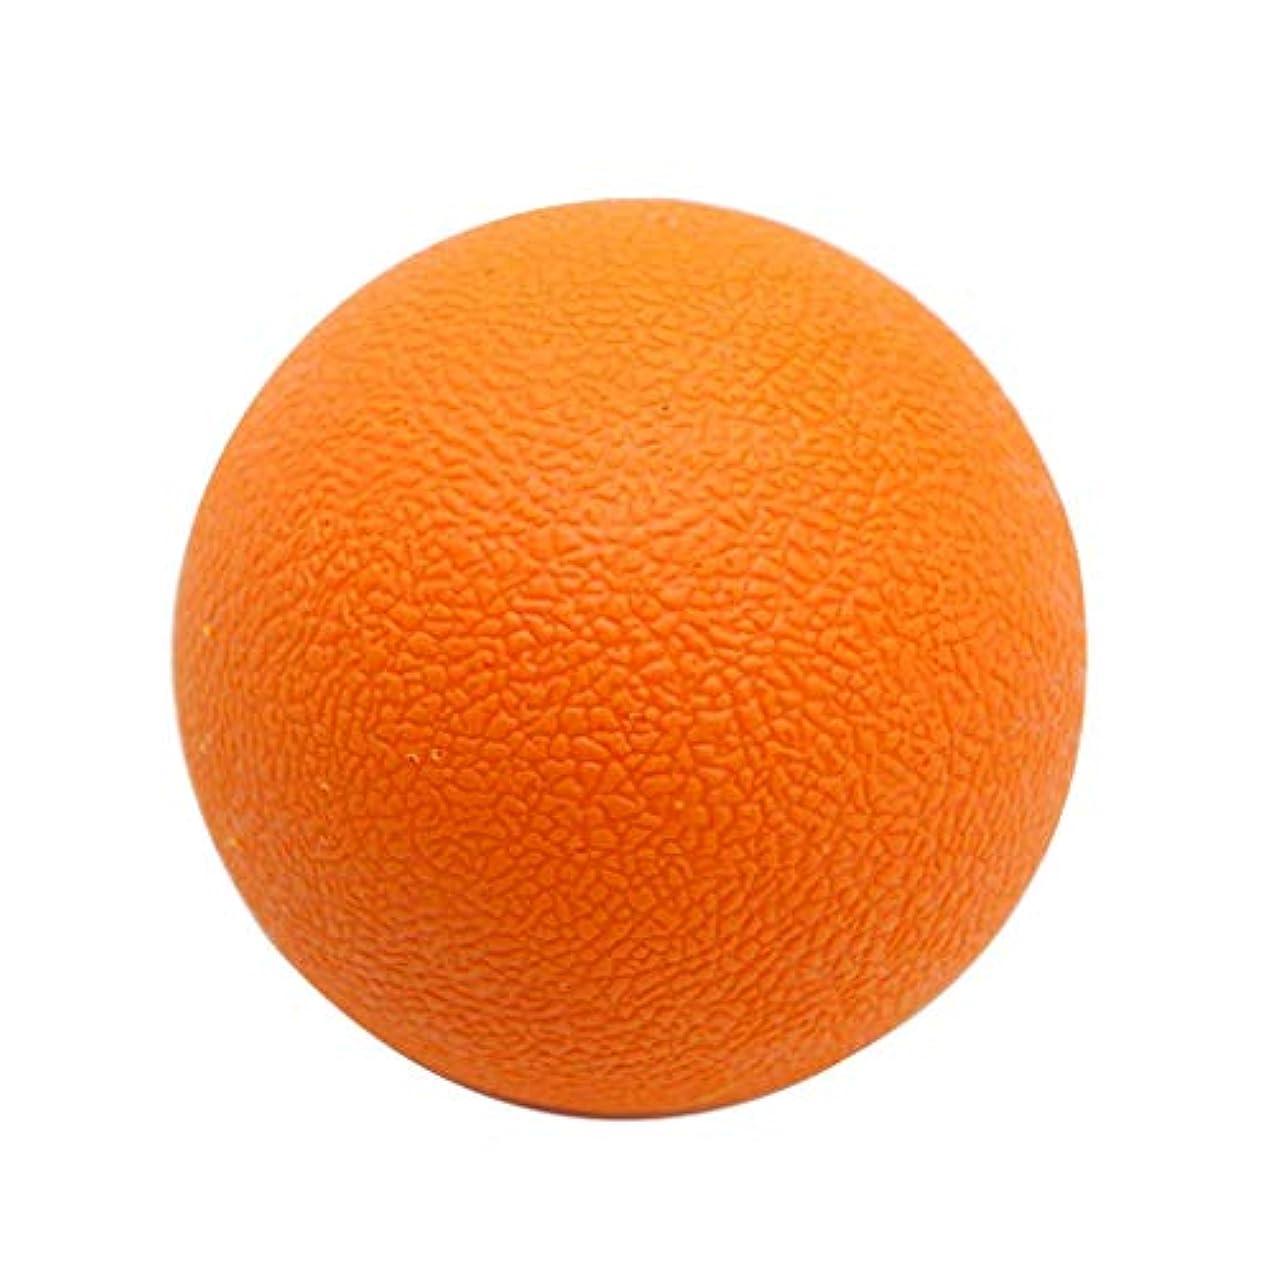 ヘビー彼女偽善Baoblaze ラクロスボール マッサージボール トリガーポイント 筋膜リリース 背中 首 ツボ押しグッズ オレンジ